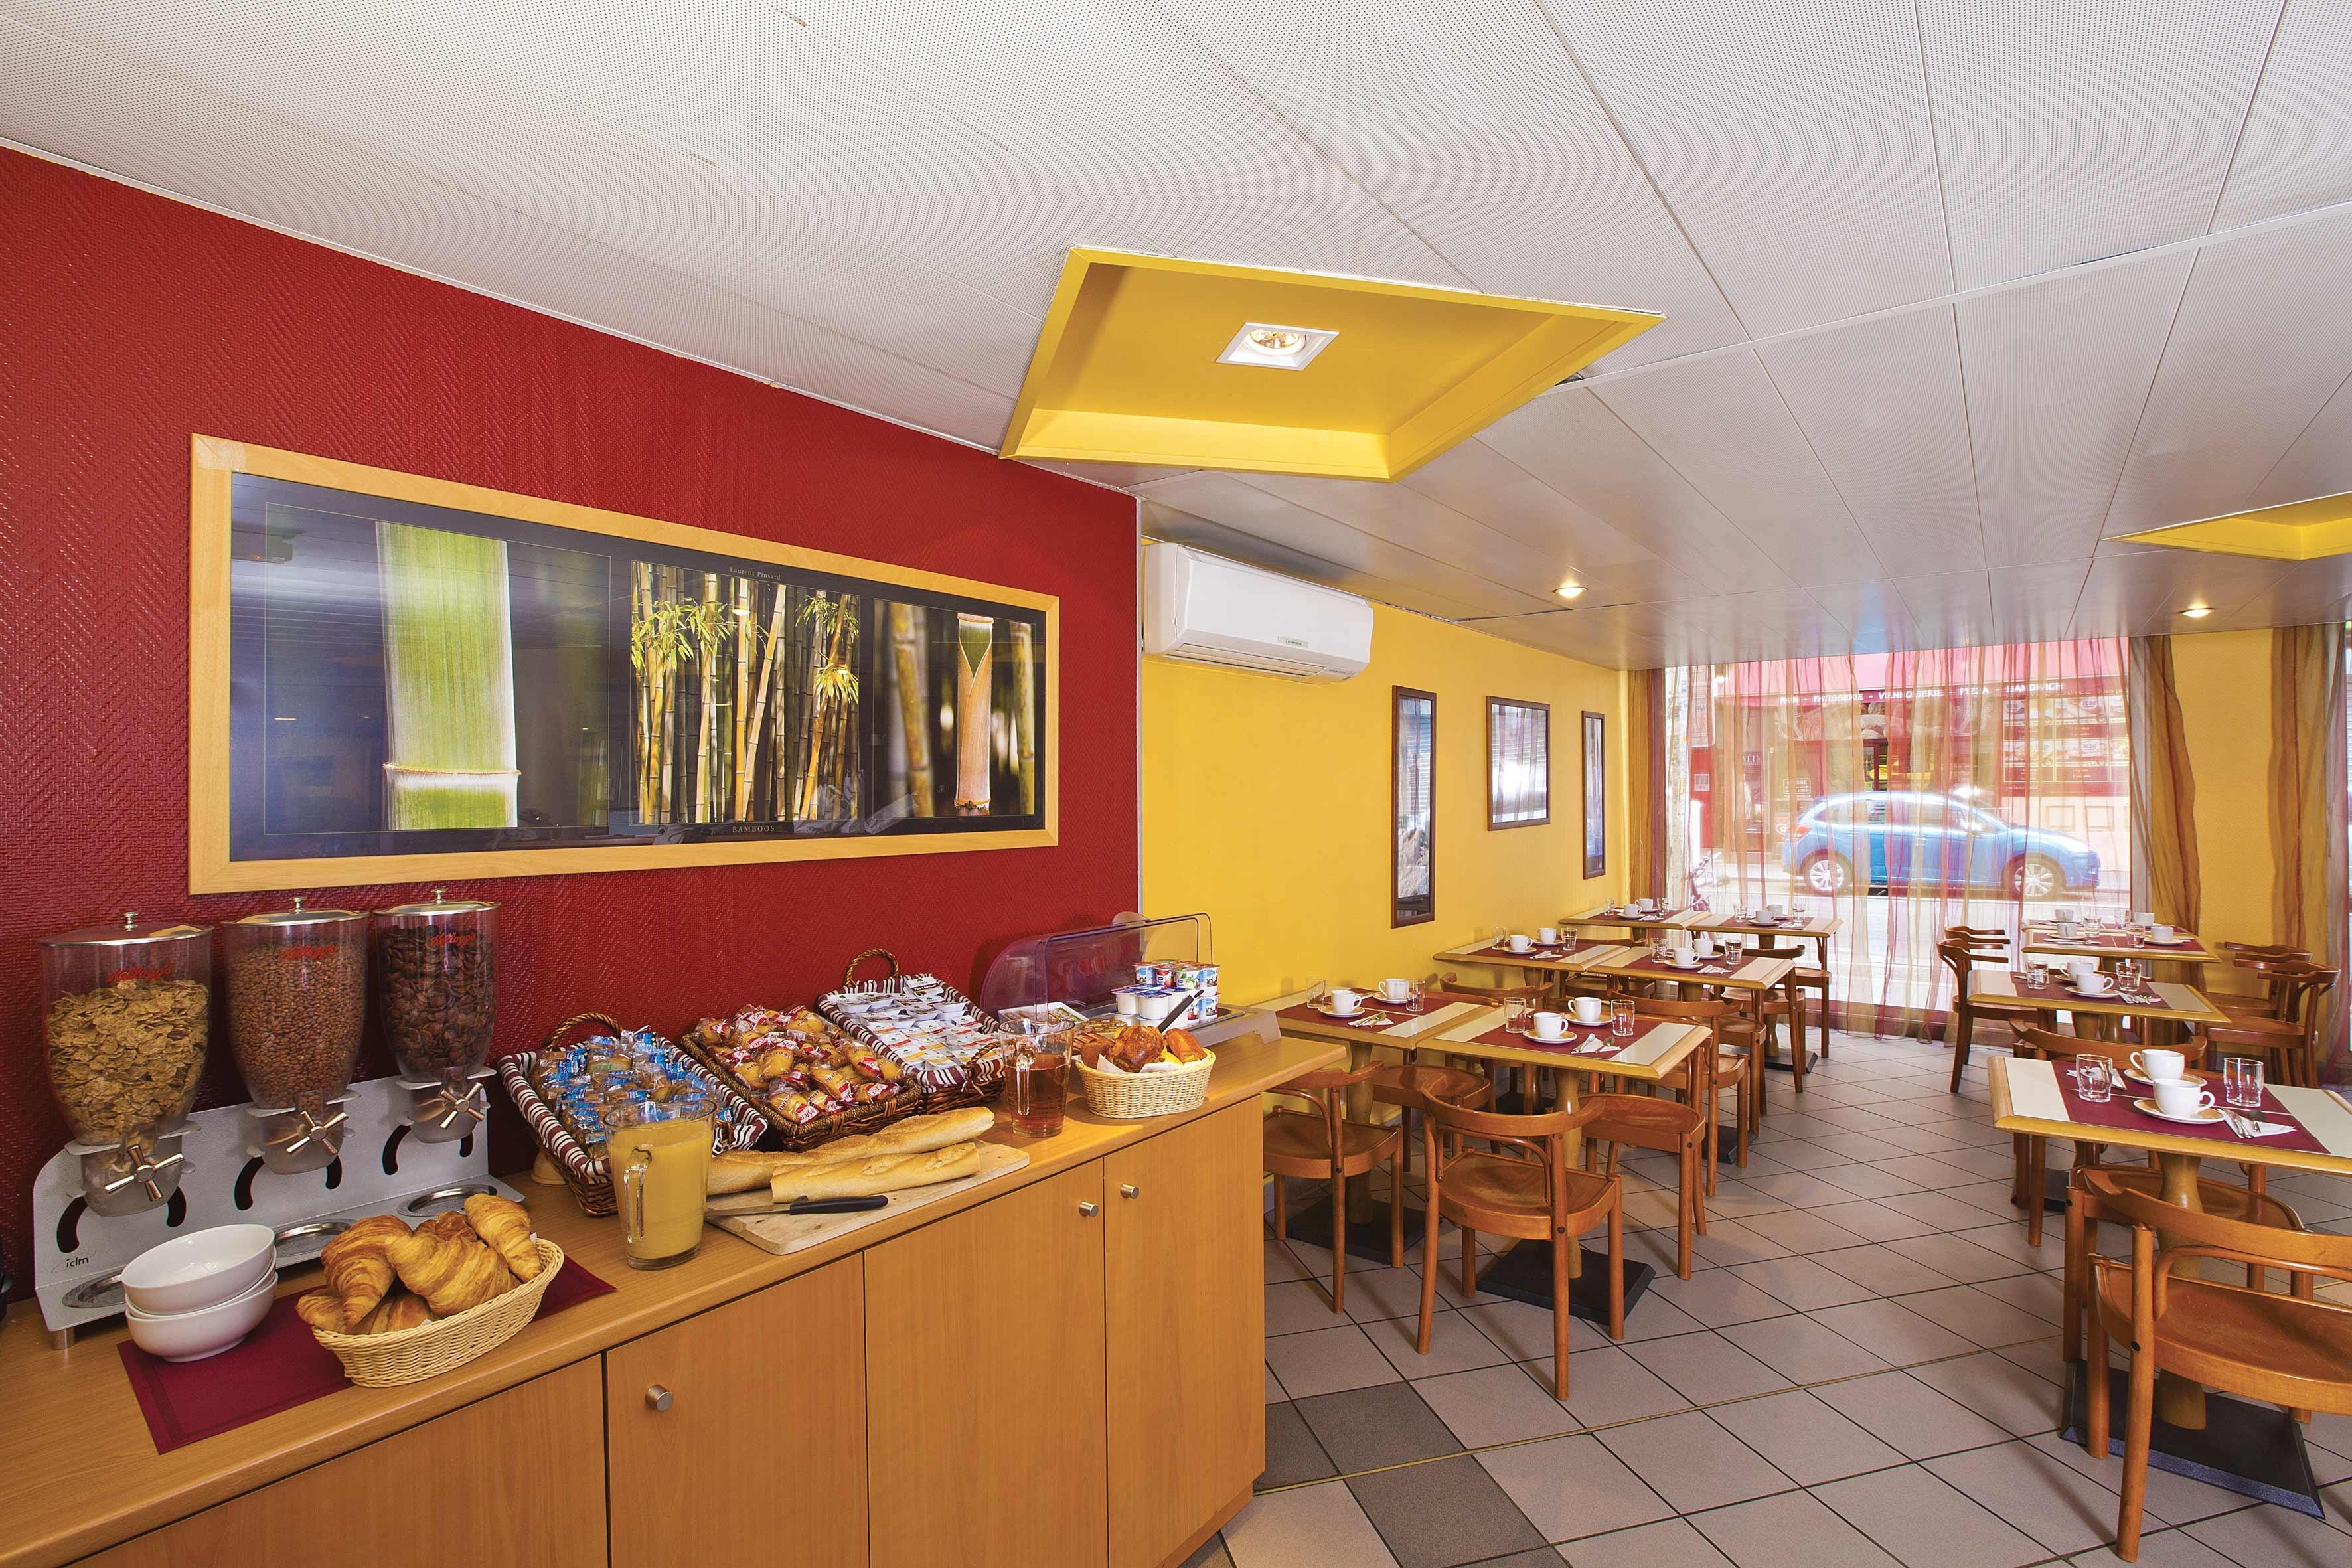 résidence, saxe gambetta, lyon, appart hotel, séjours et affaires, petit-déjeuner, alliance française de lyon